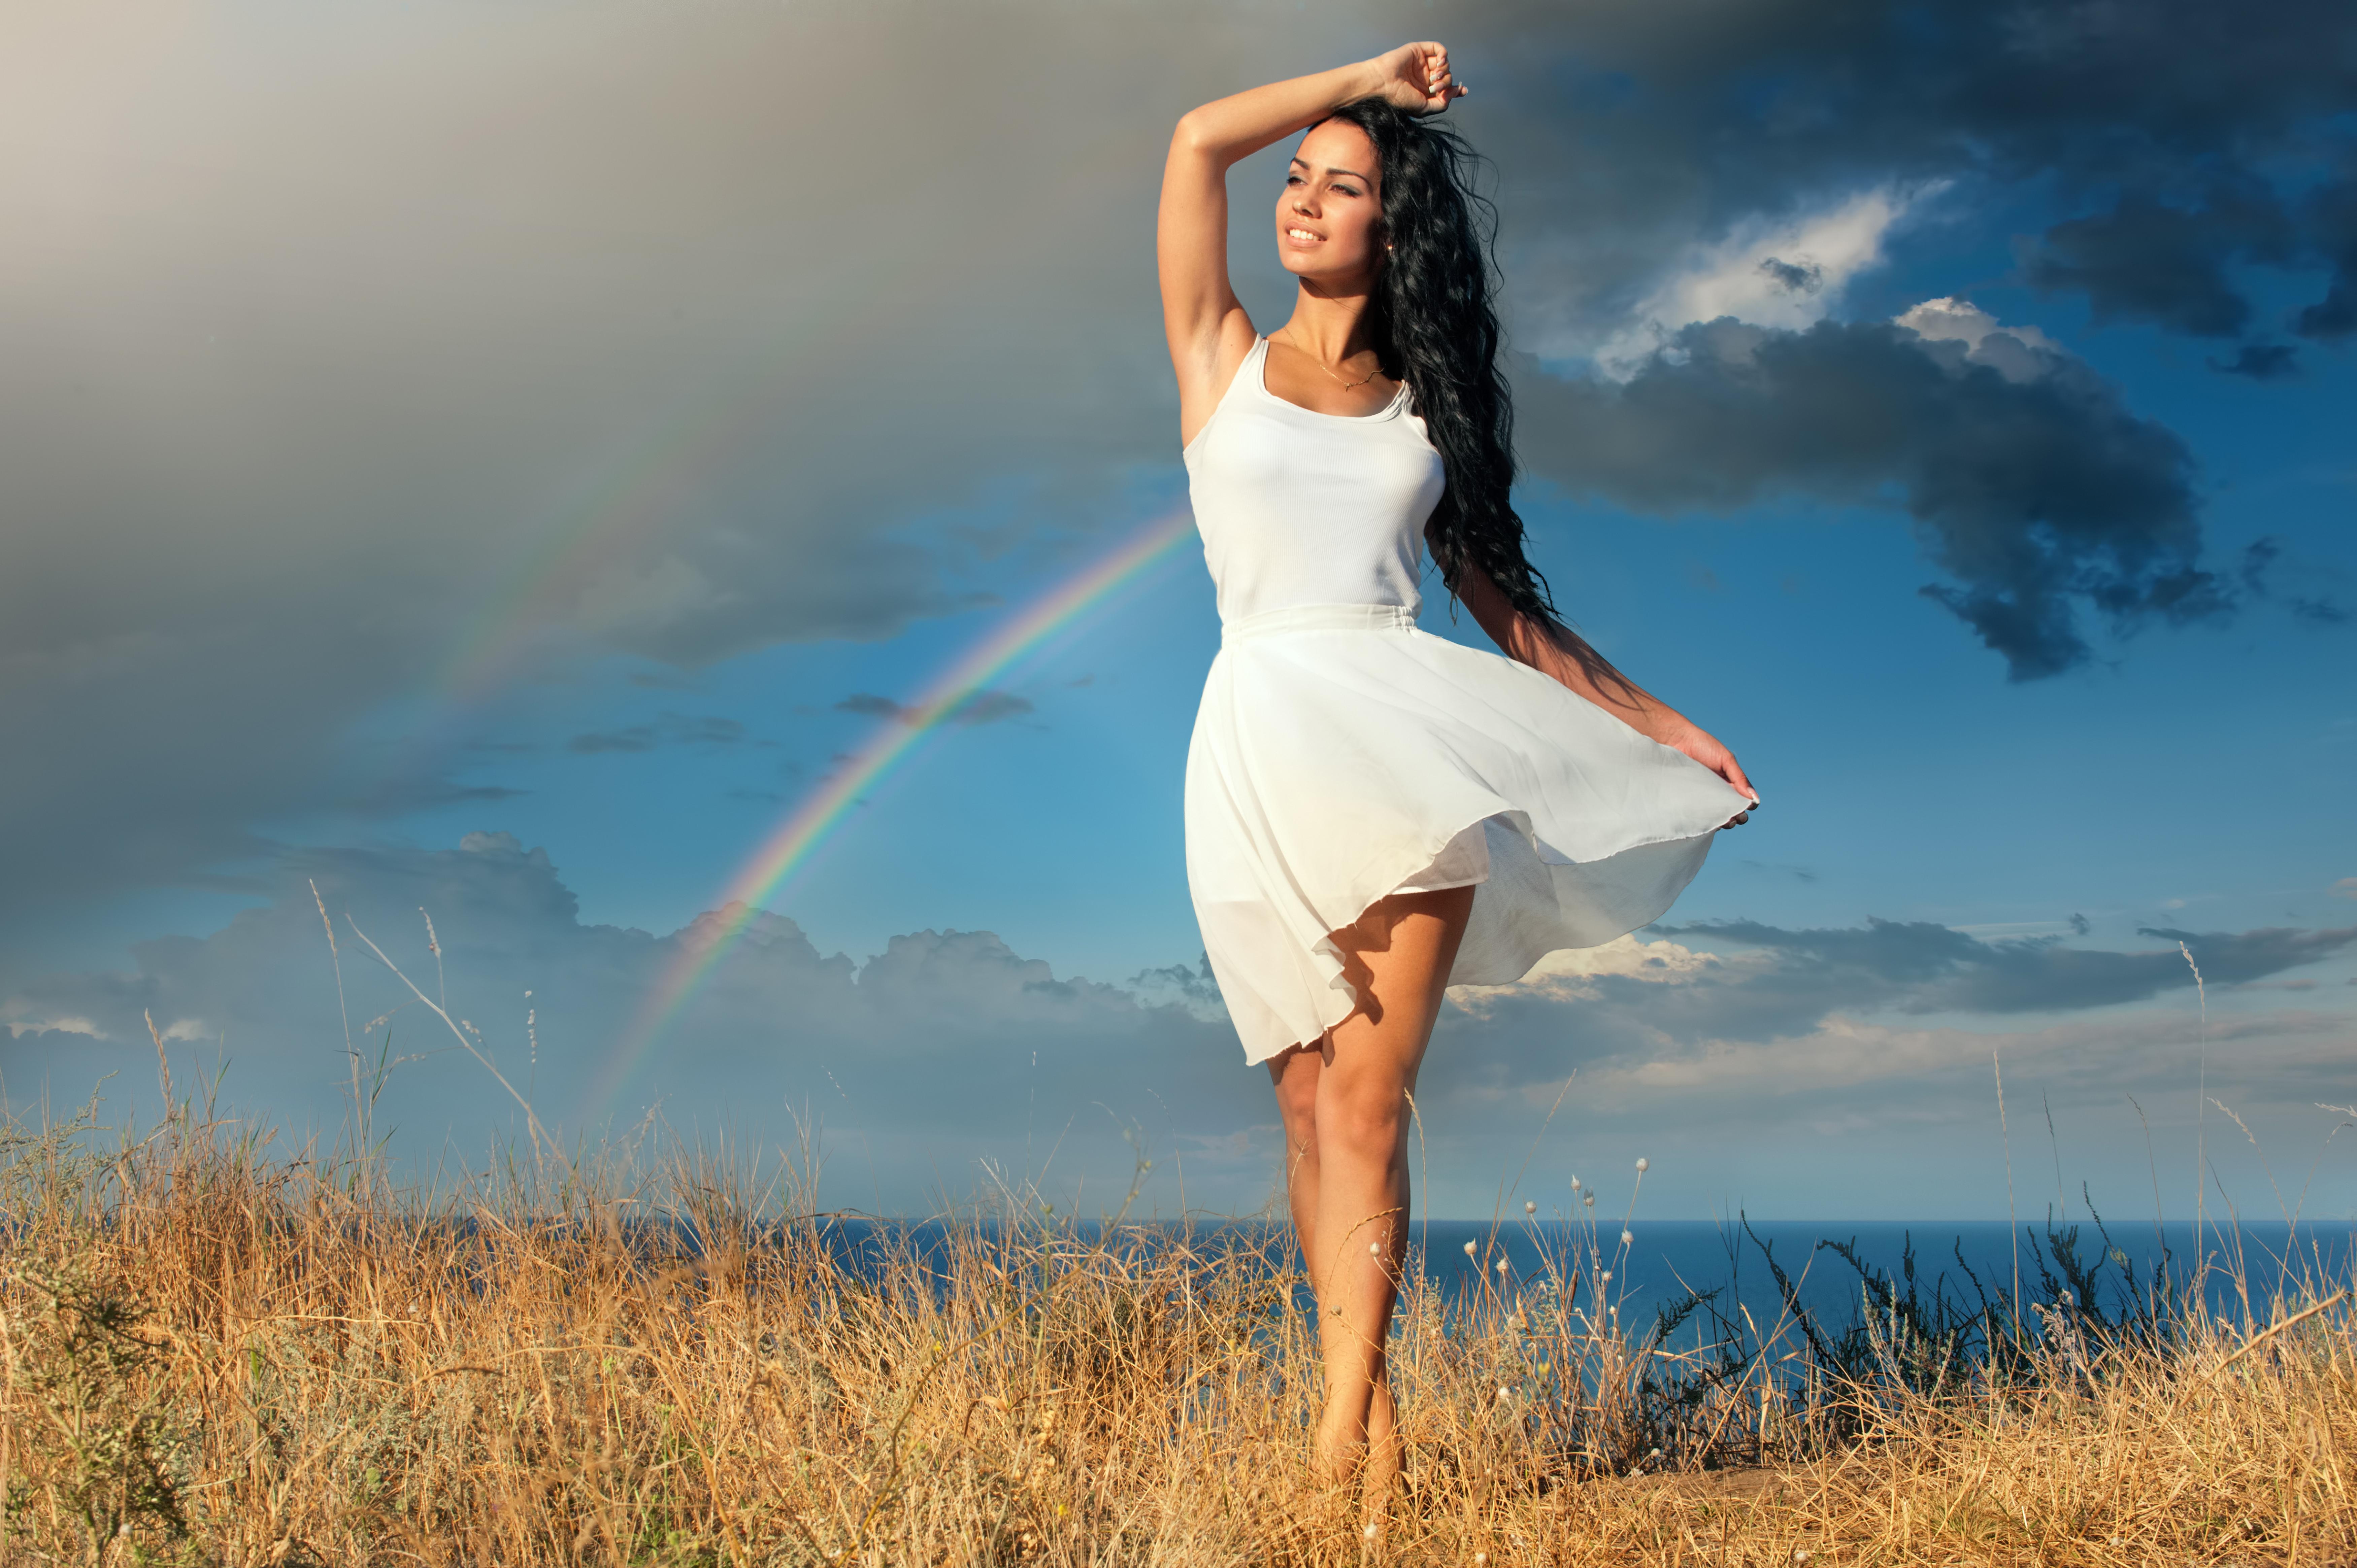 Девушка позитивная картинки, открытка своими руками